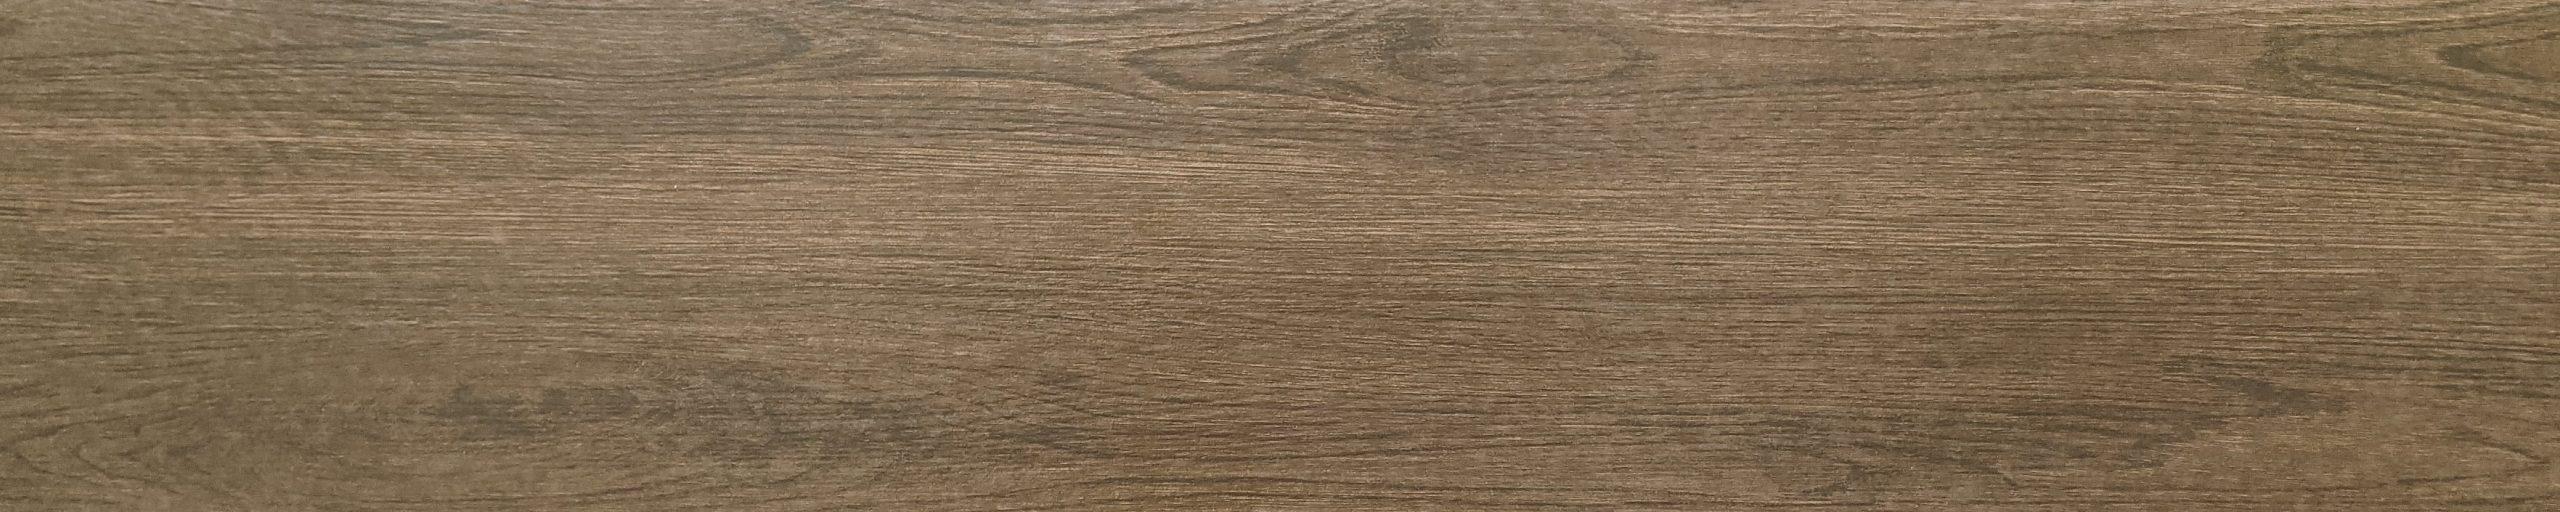 Map gạch gỗ nâu W99007 (2)